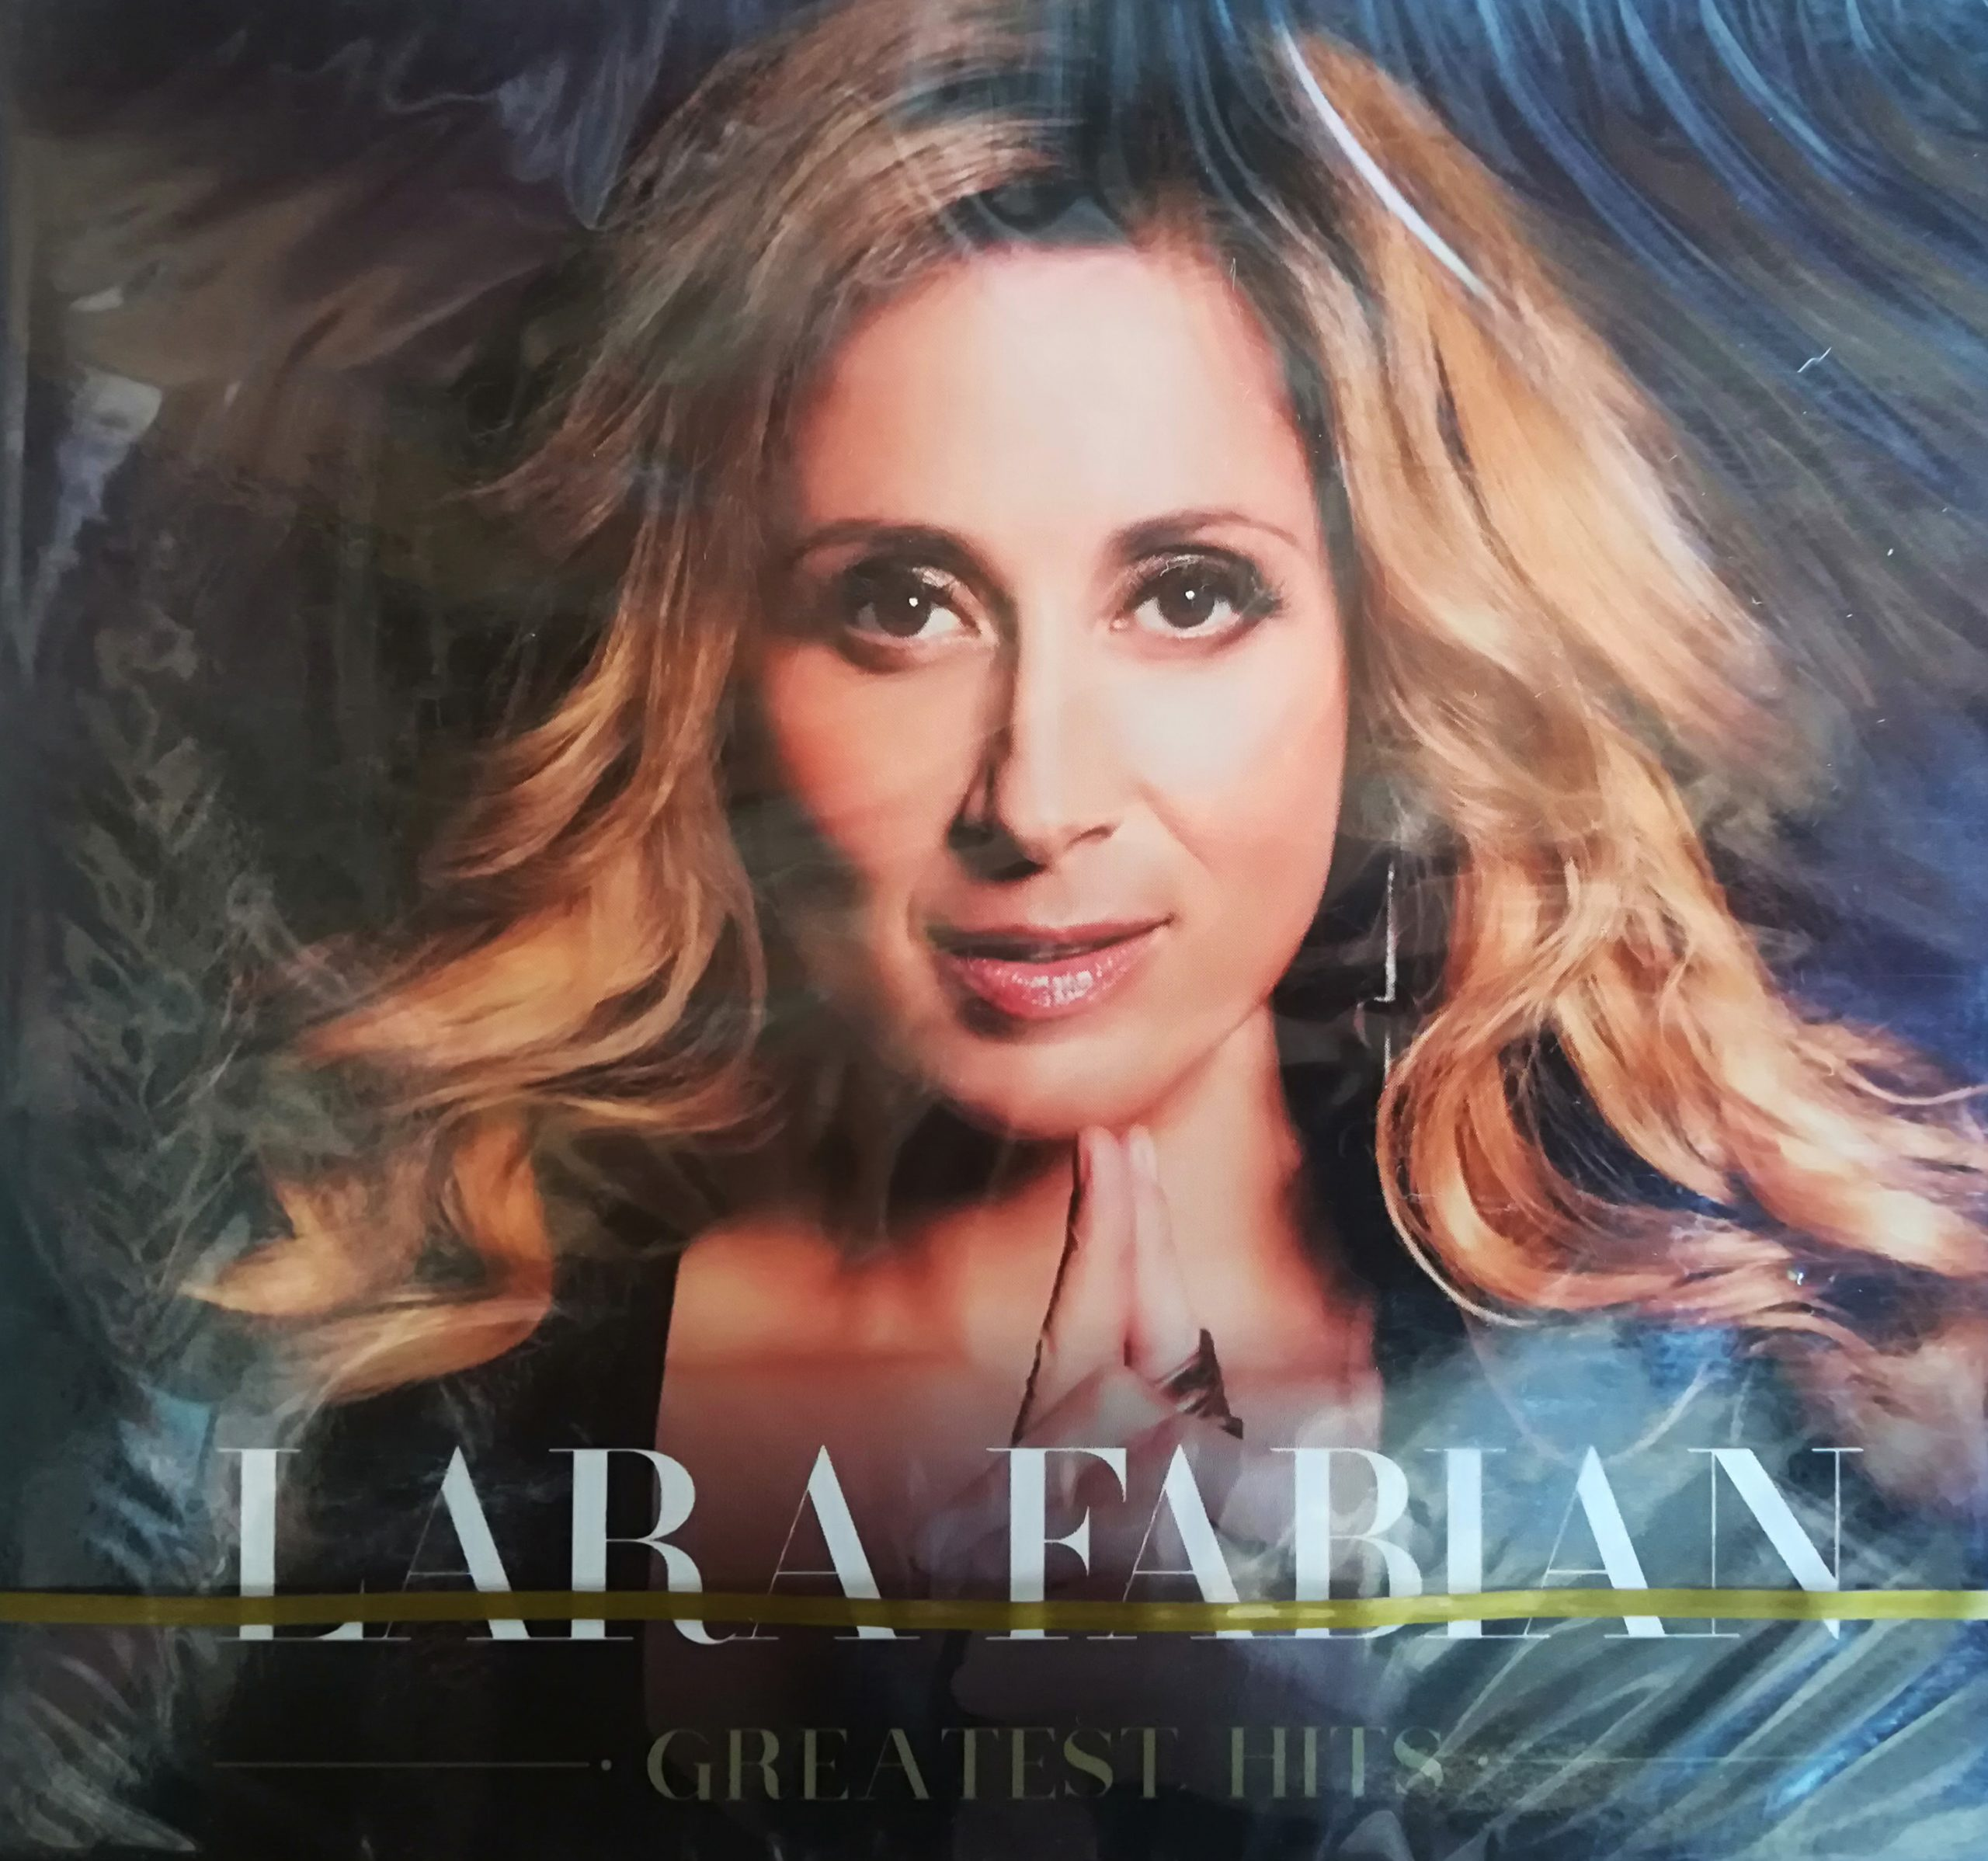 Lara Fabian - Greatest Hits (2CD, Digipak) (2018)